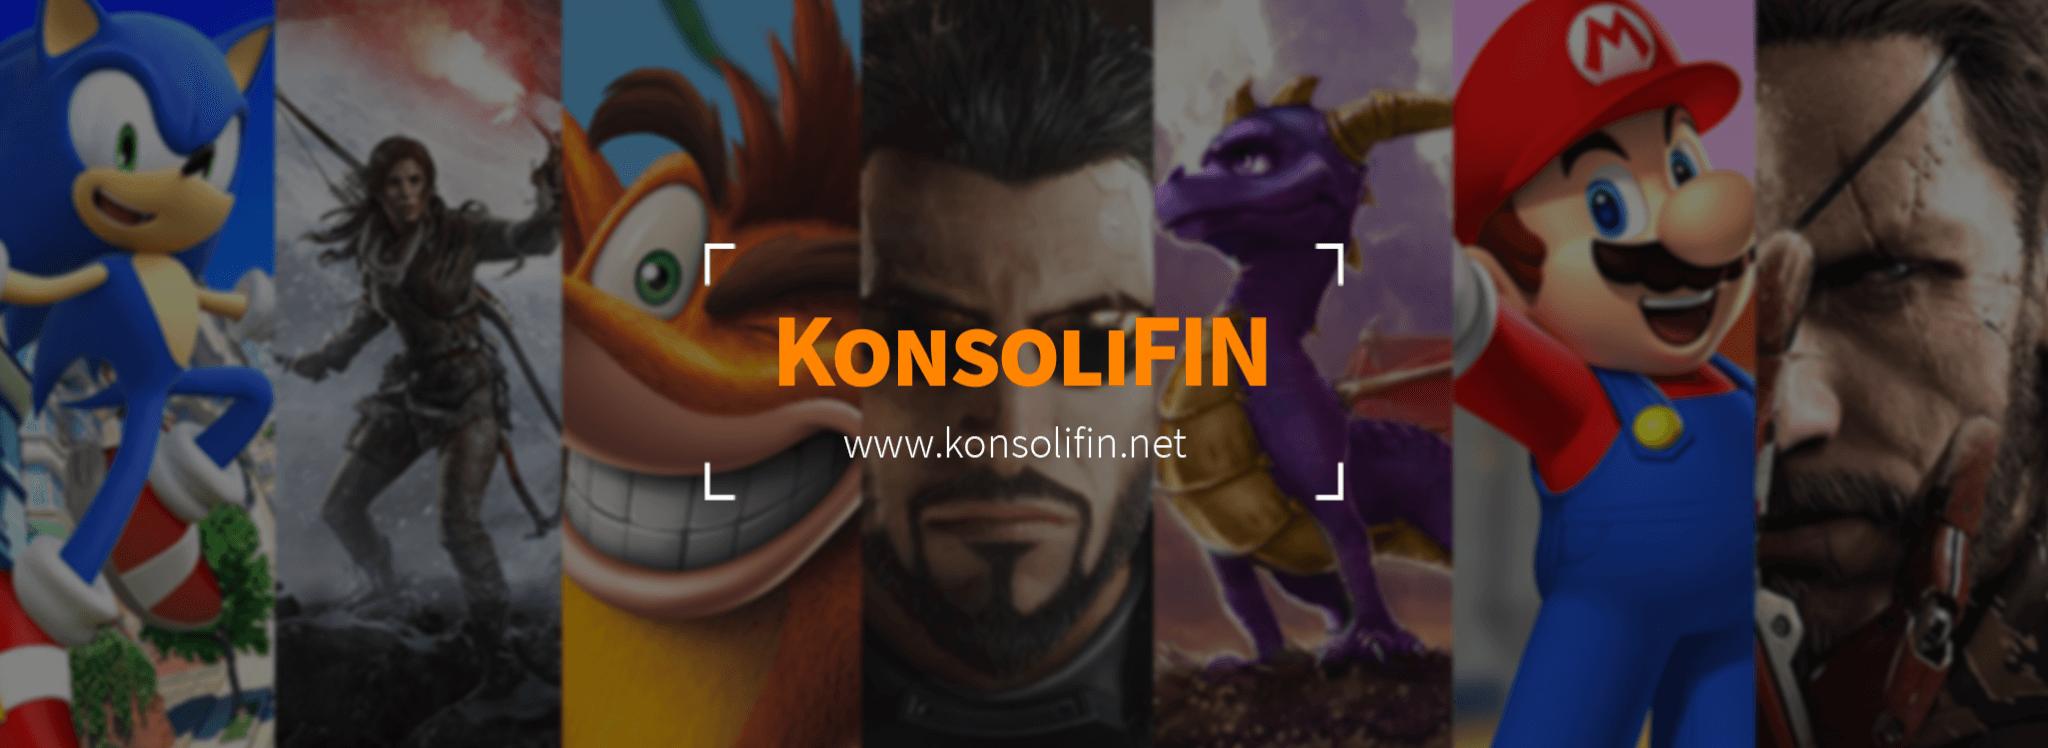 graafinen suunnittelu-konsolifin-some